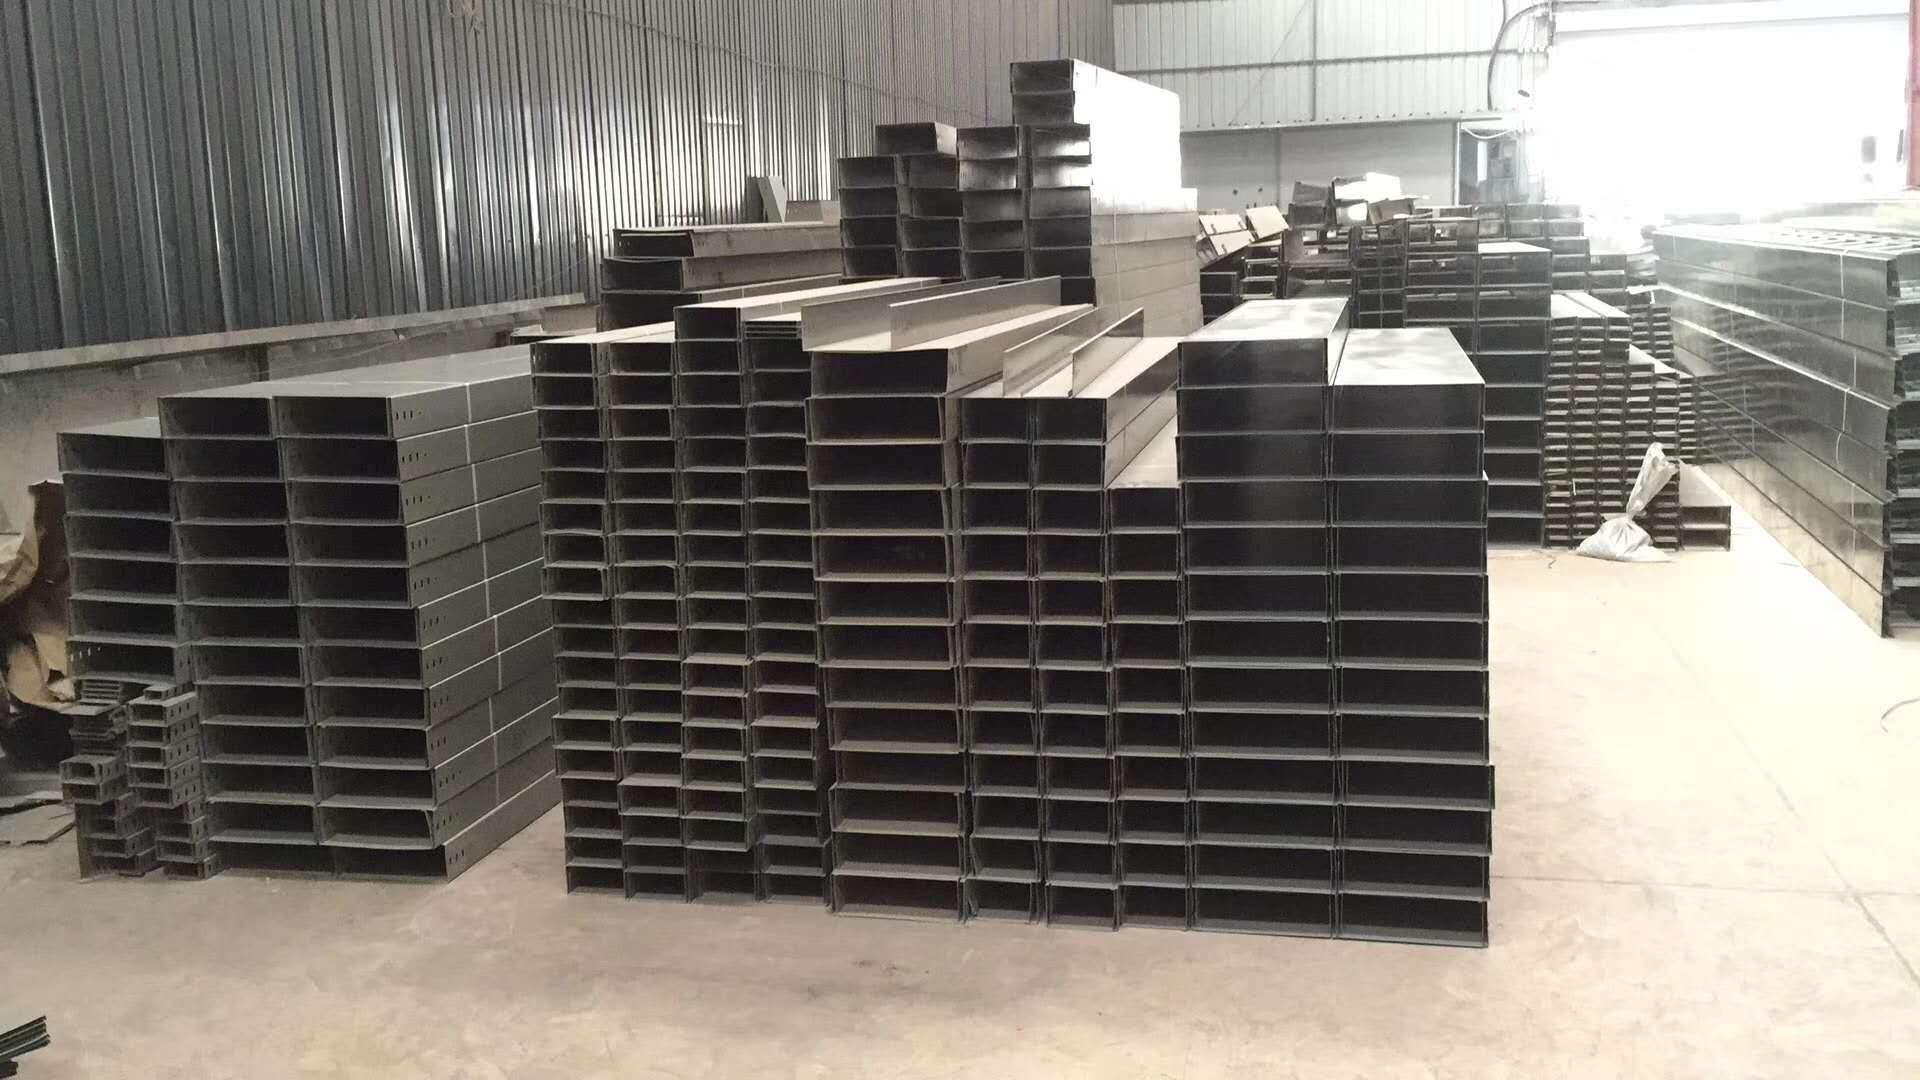 桥架厂家在不断改进生产工艺,迈向高端产品研发